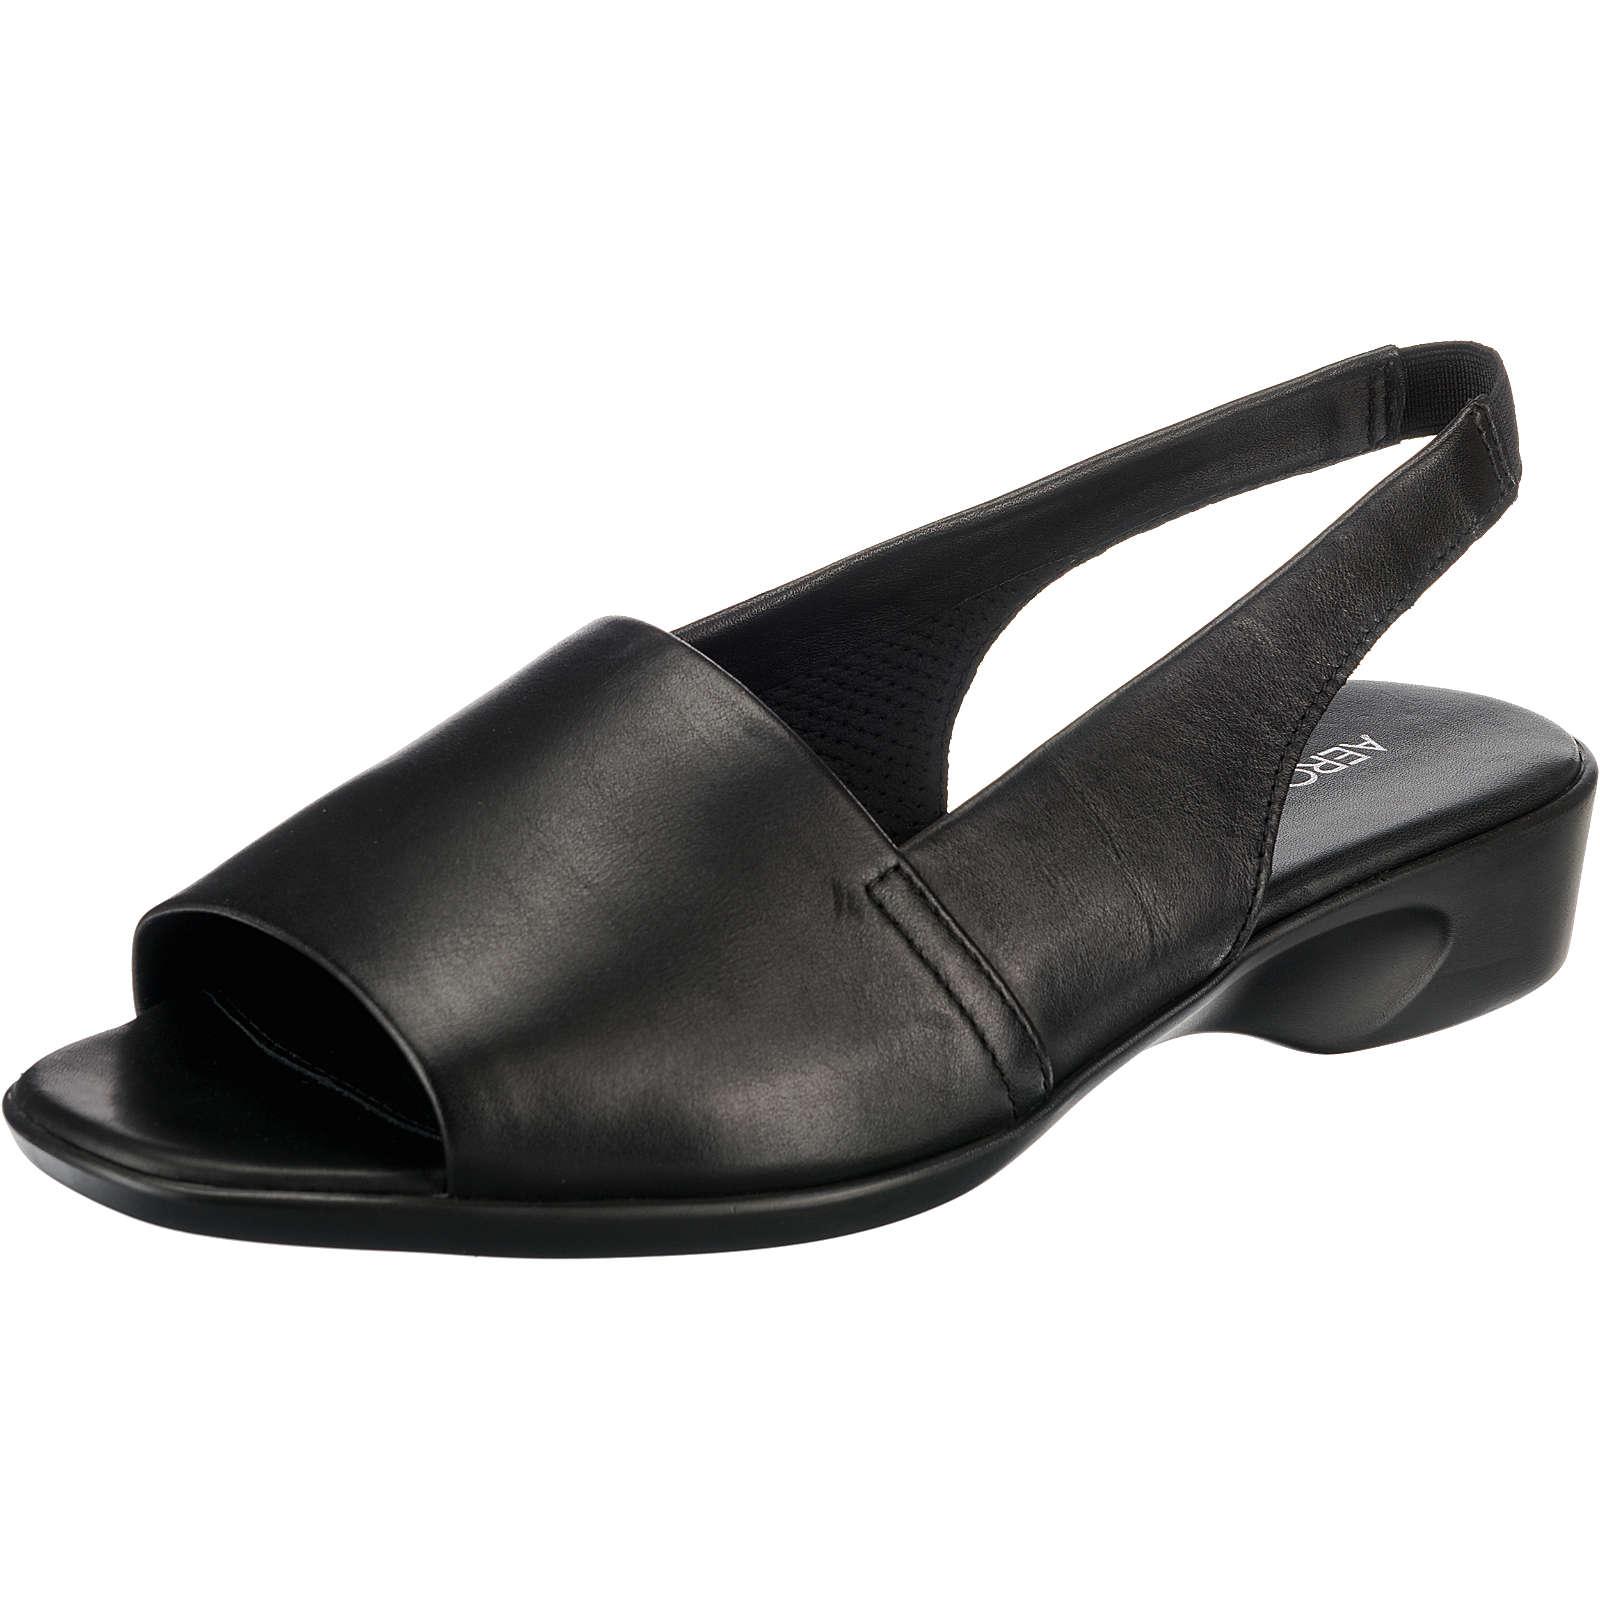 Aerosoles Cush Flow Vanity Klassische Sandalen schwarz Damen Gr. 39